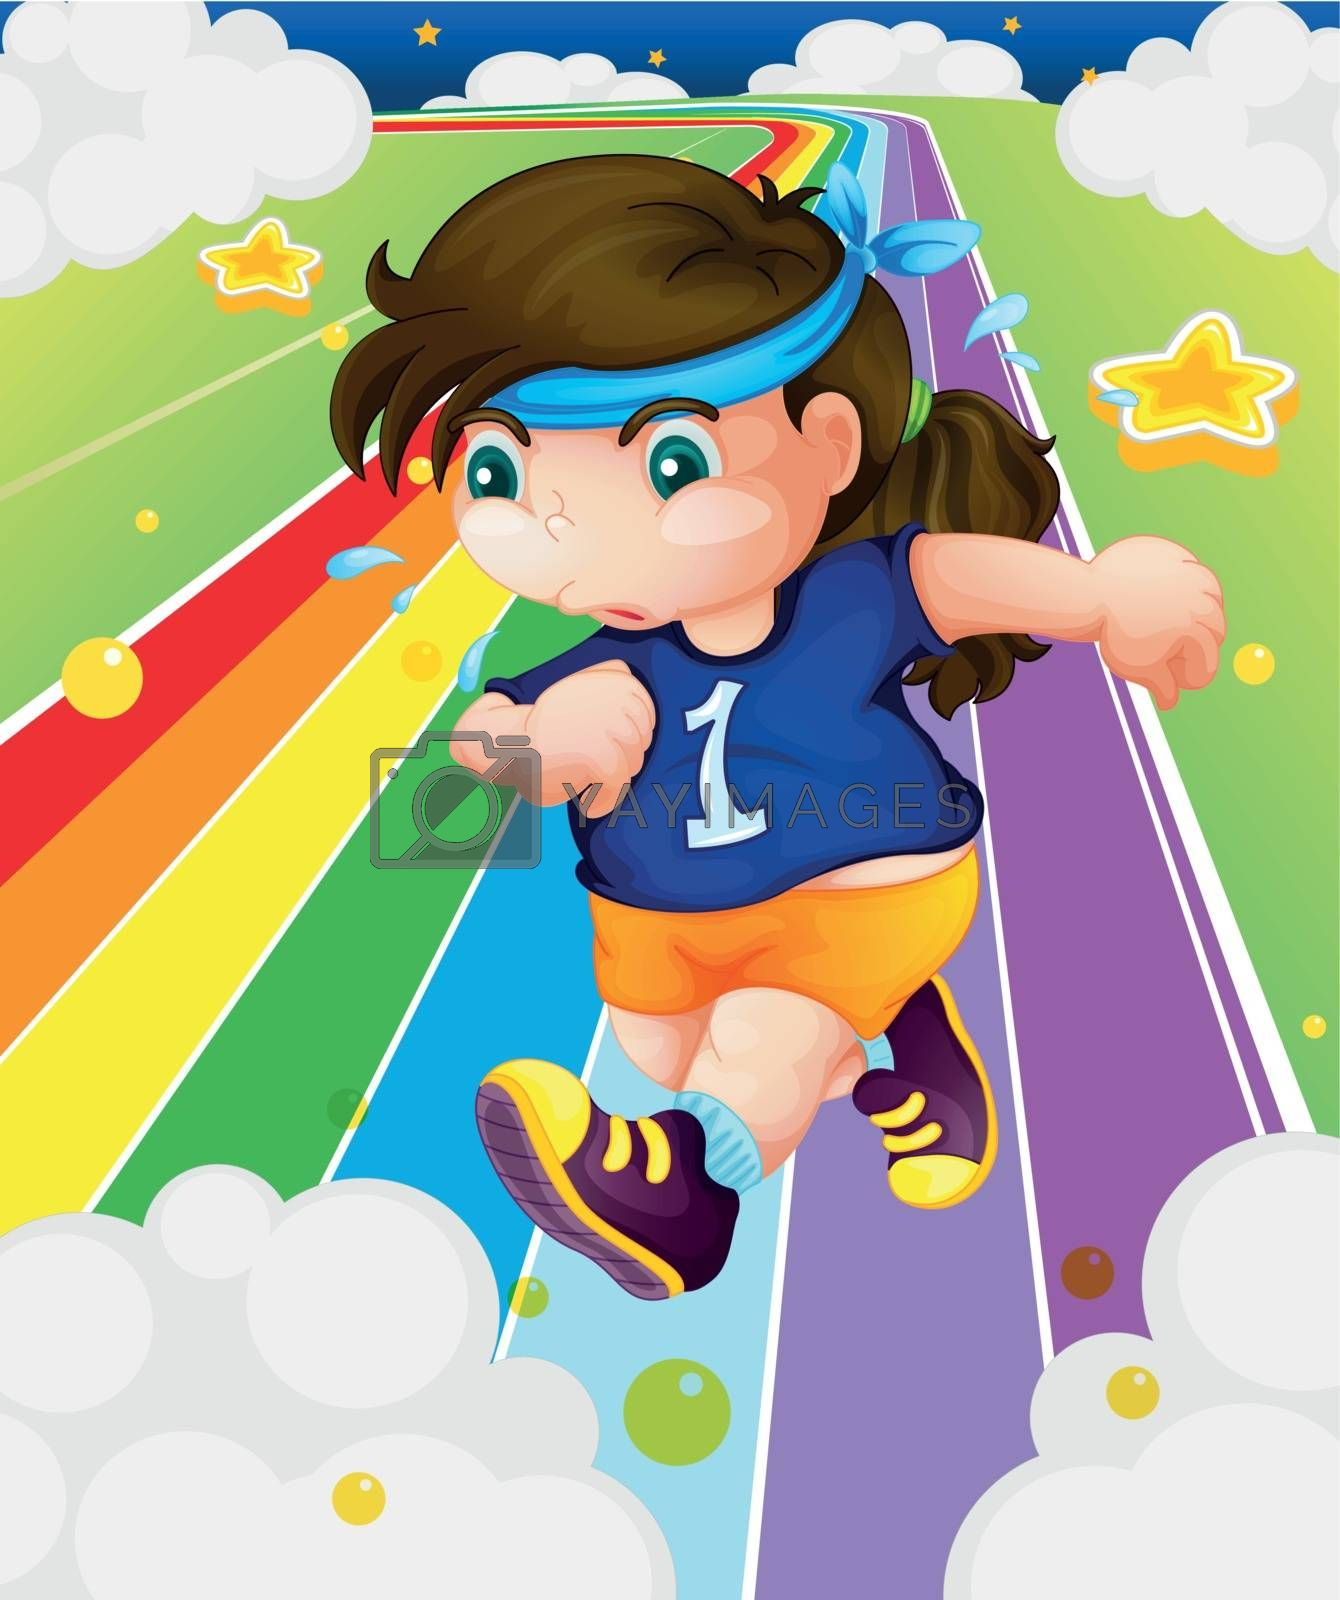 Illustration of a fat girl running